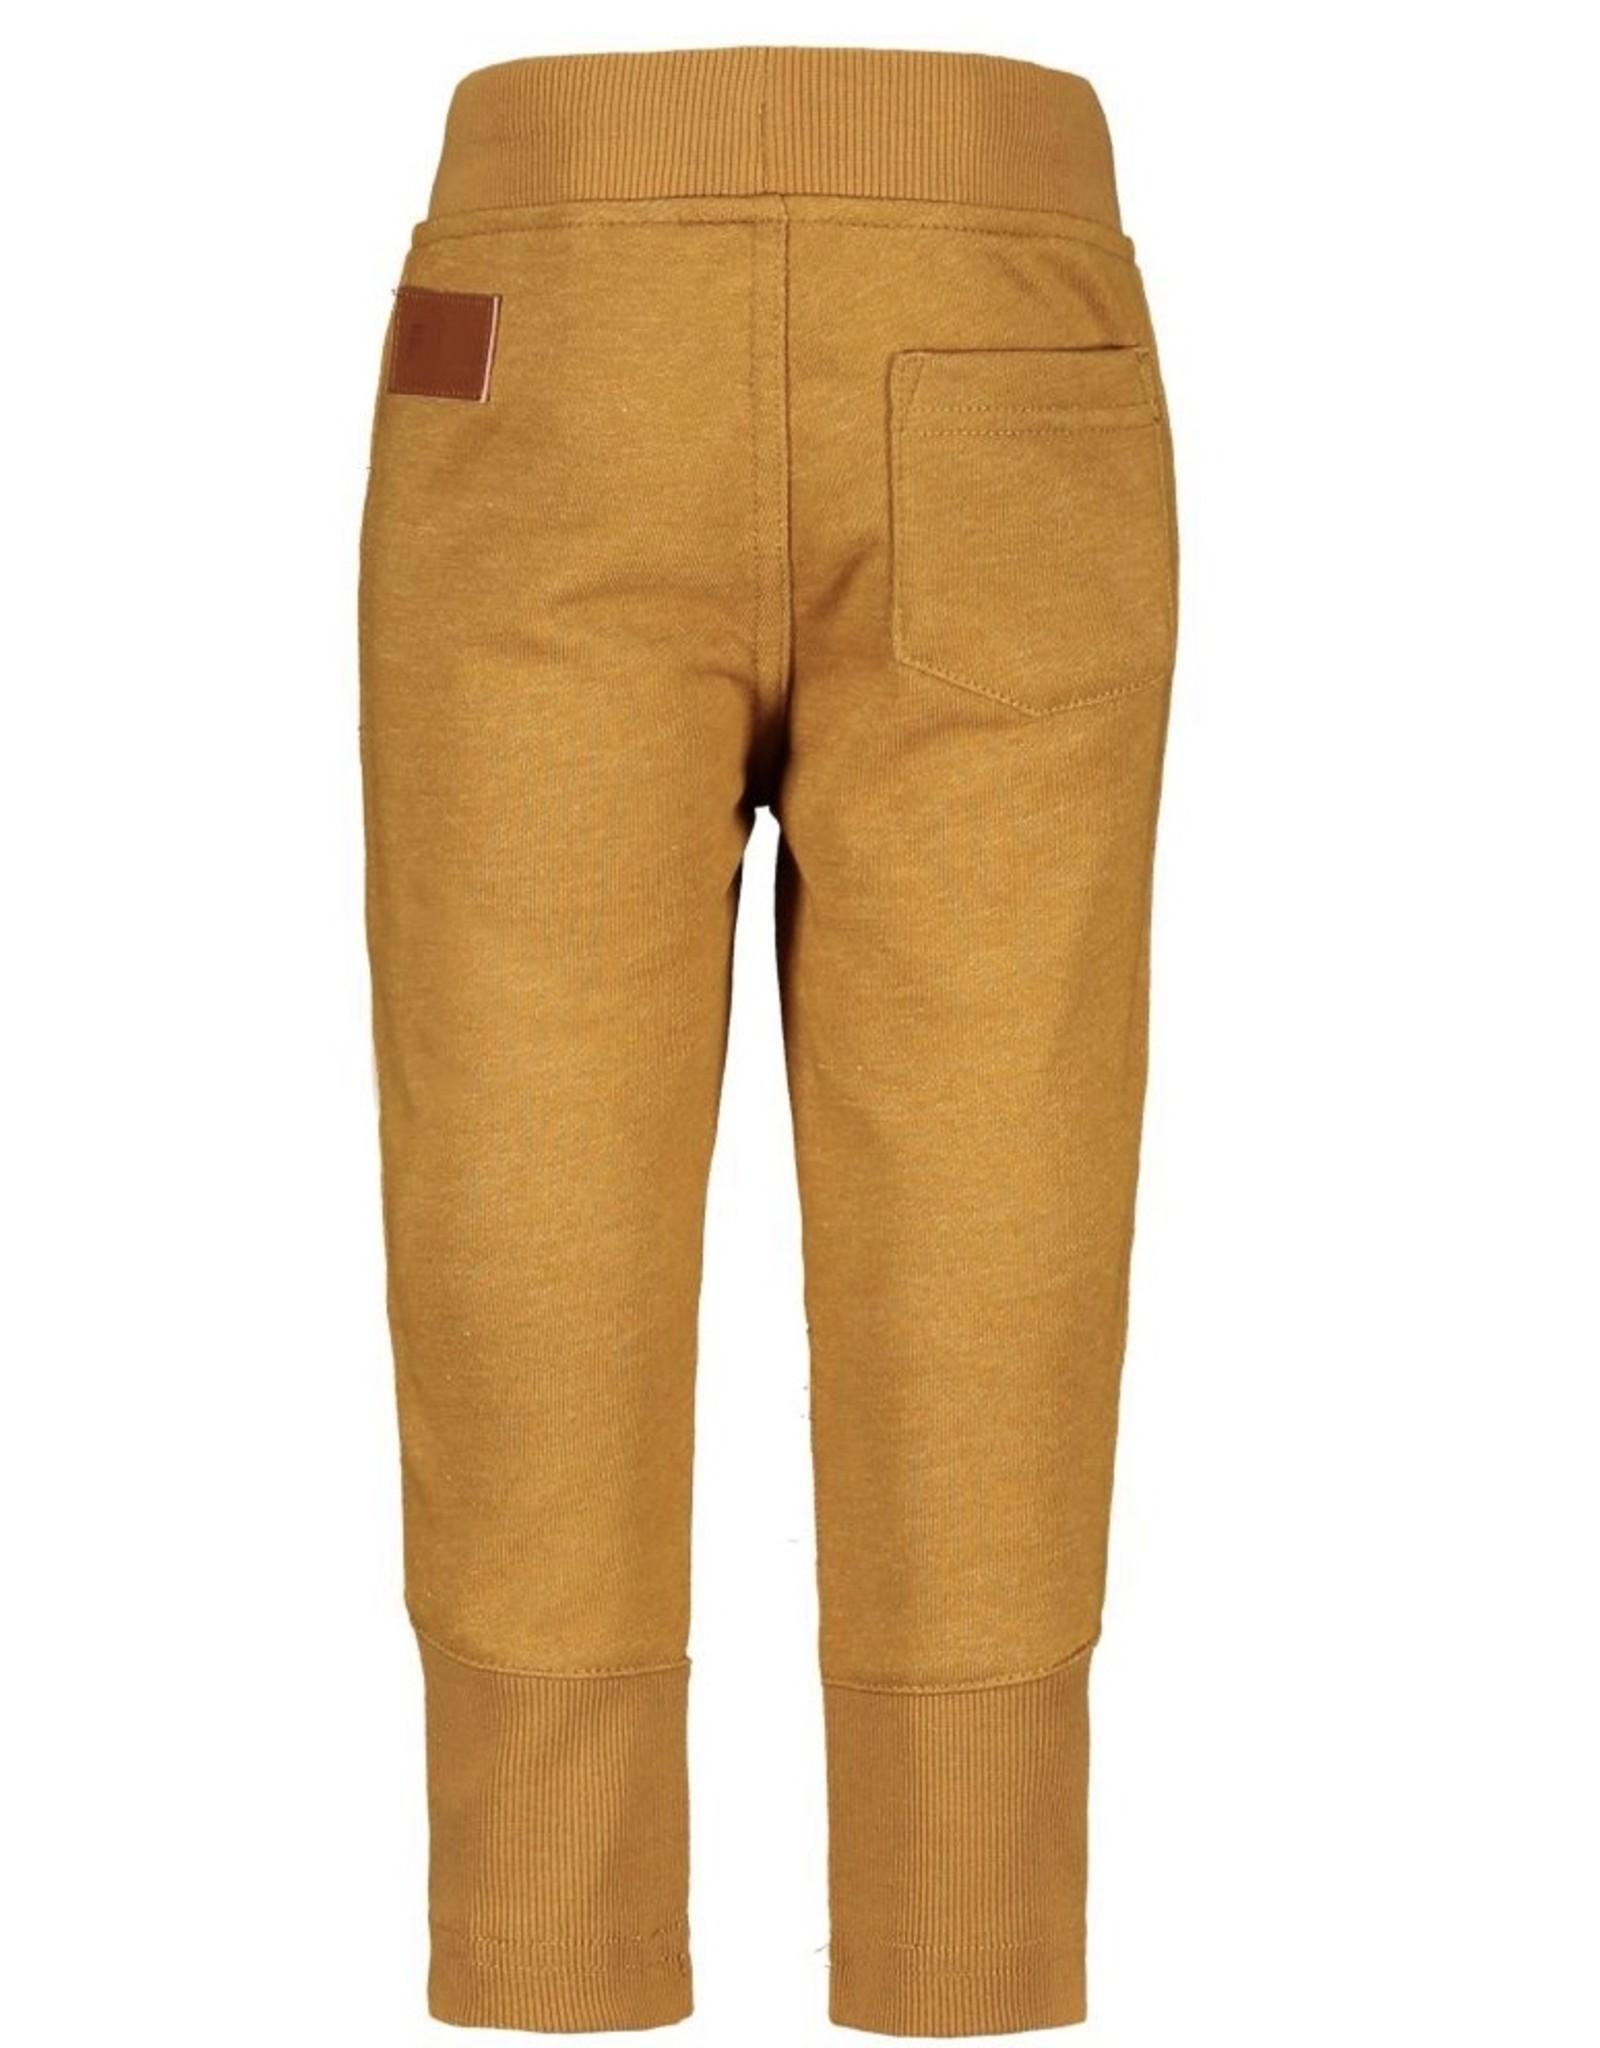 Flo F108-8601 Sweatpants